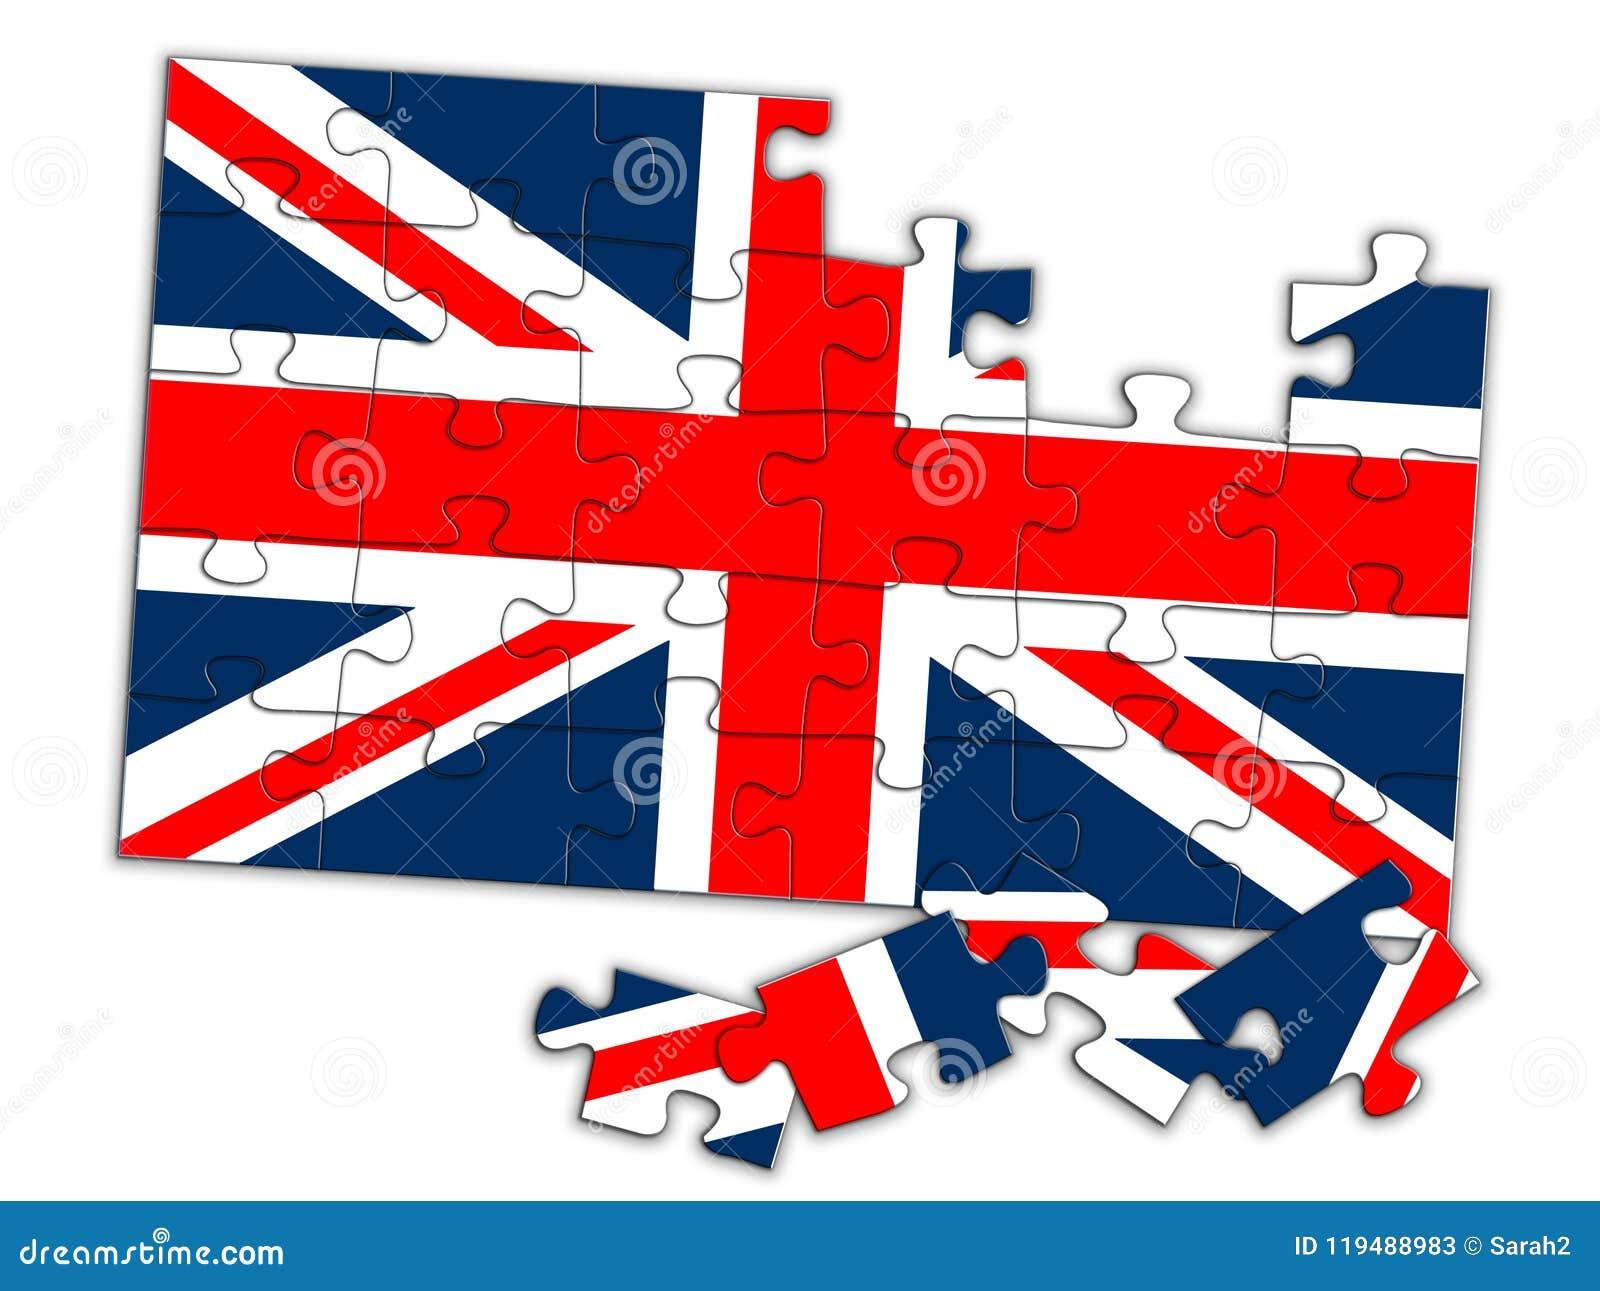 Union Jack łamigłówka, kawałki na miejscu UK flaga spada oddzielnie pojęcie